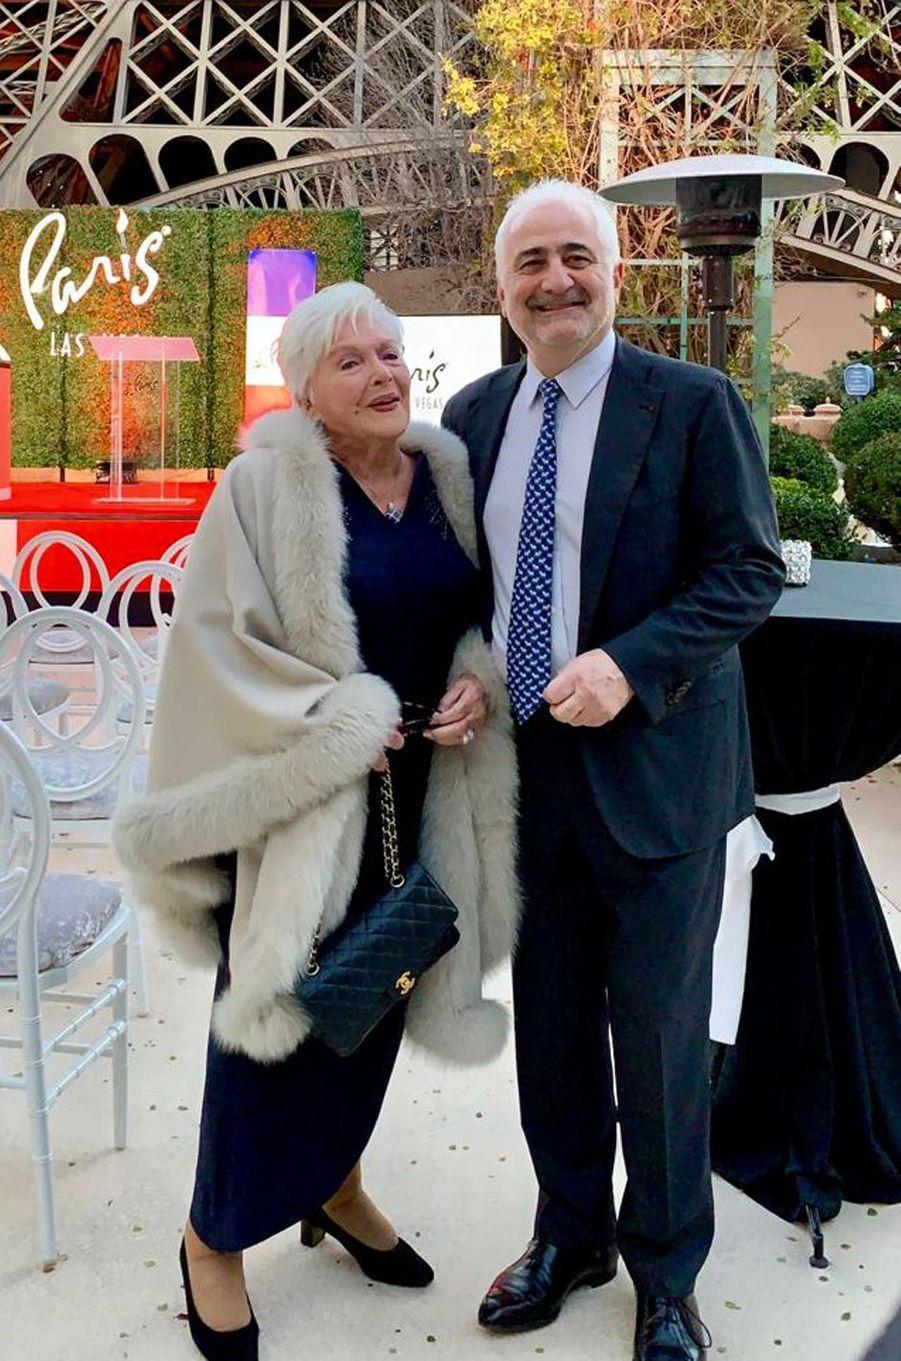 Line Renaud et le chef triple-étoilé, Guy Savoy, aux 20 ans de l'hôtel Paris Las Vegas.